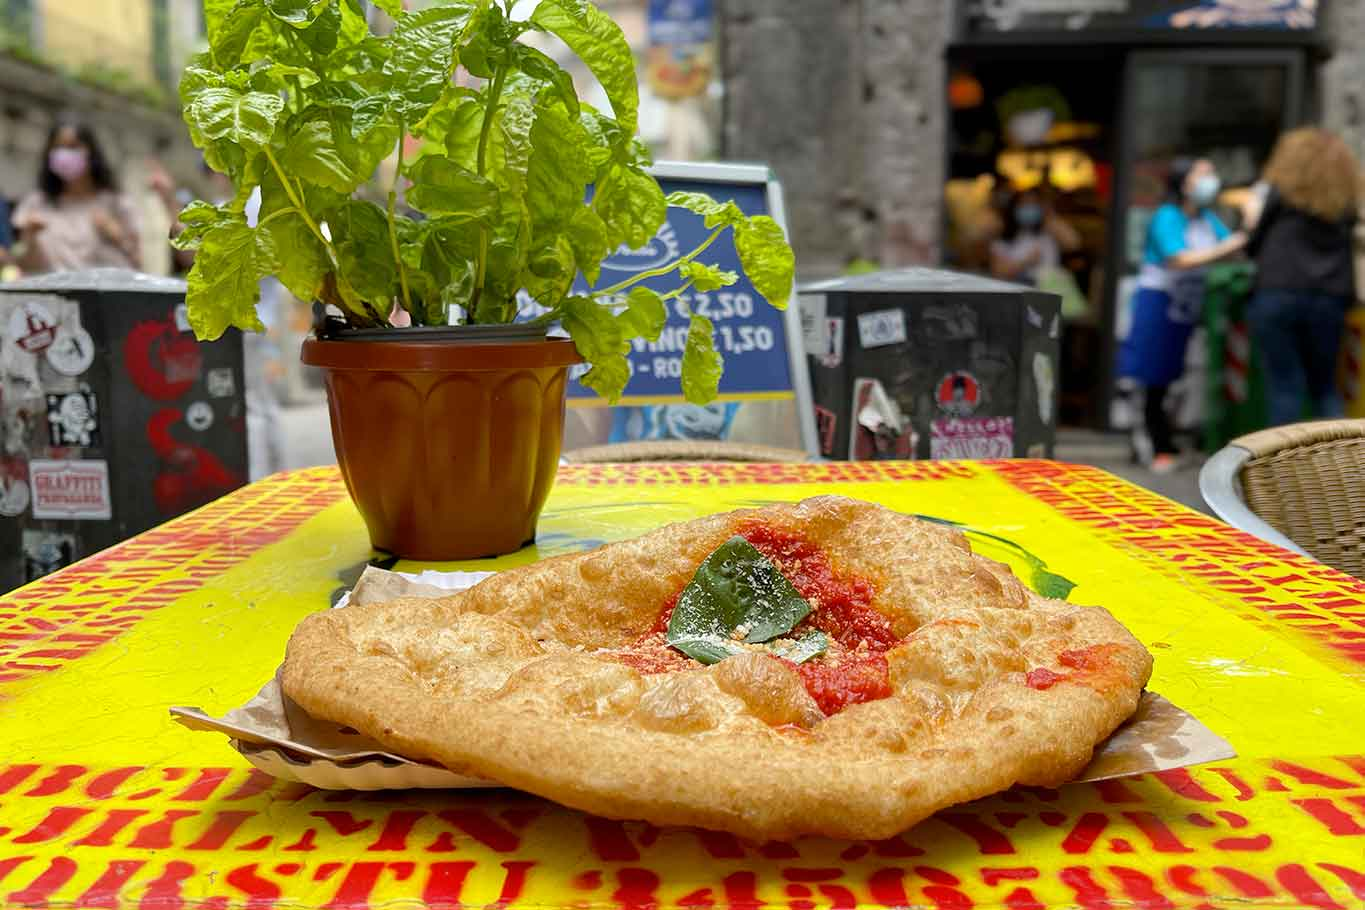 pizza montanara fritta Zia Esterina Sorbillo piazzetta Nilo Napoli